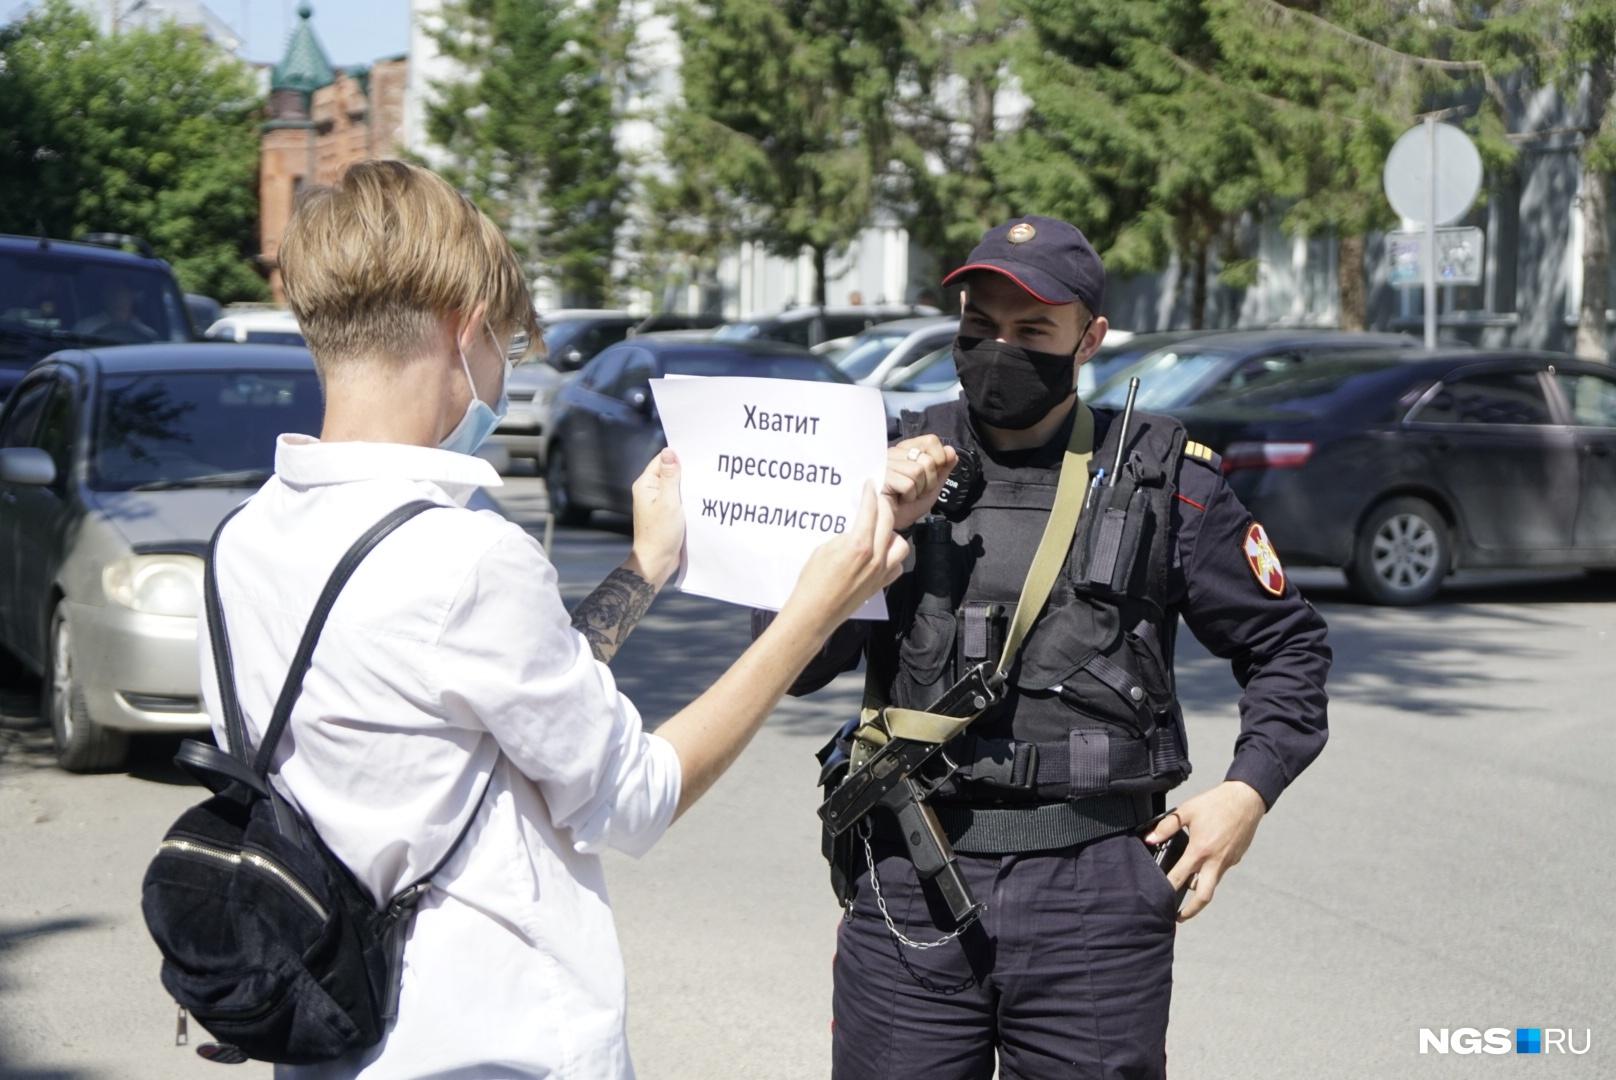 Пикет возле здания ФСБ прошел против преследования российских журналистов